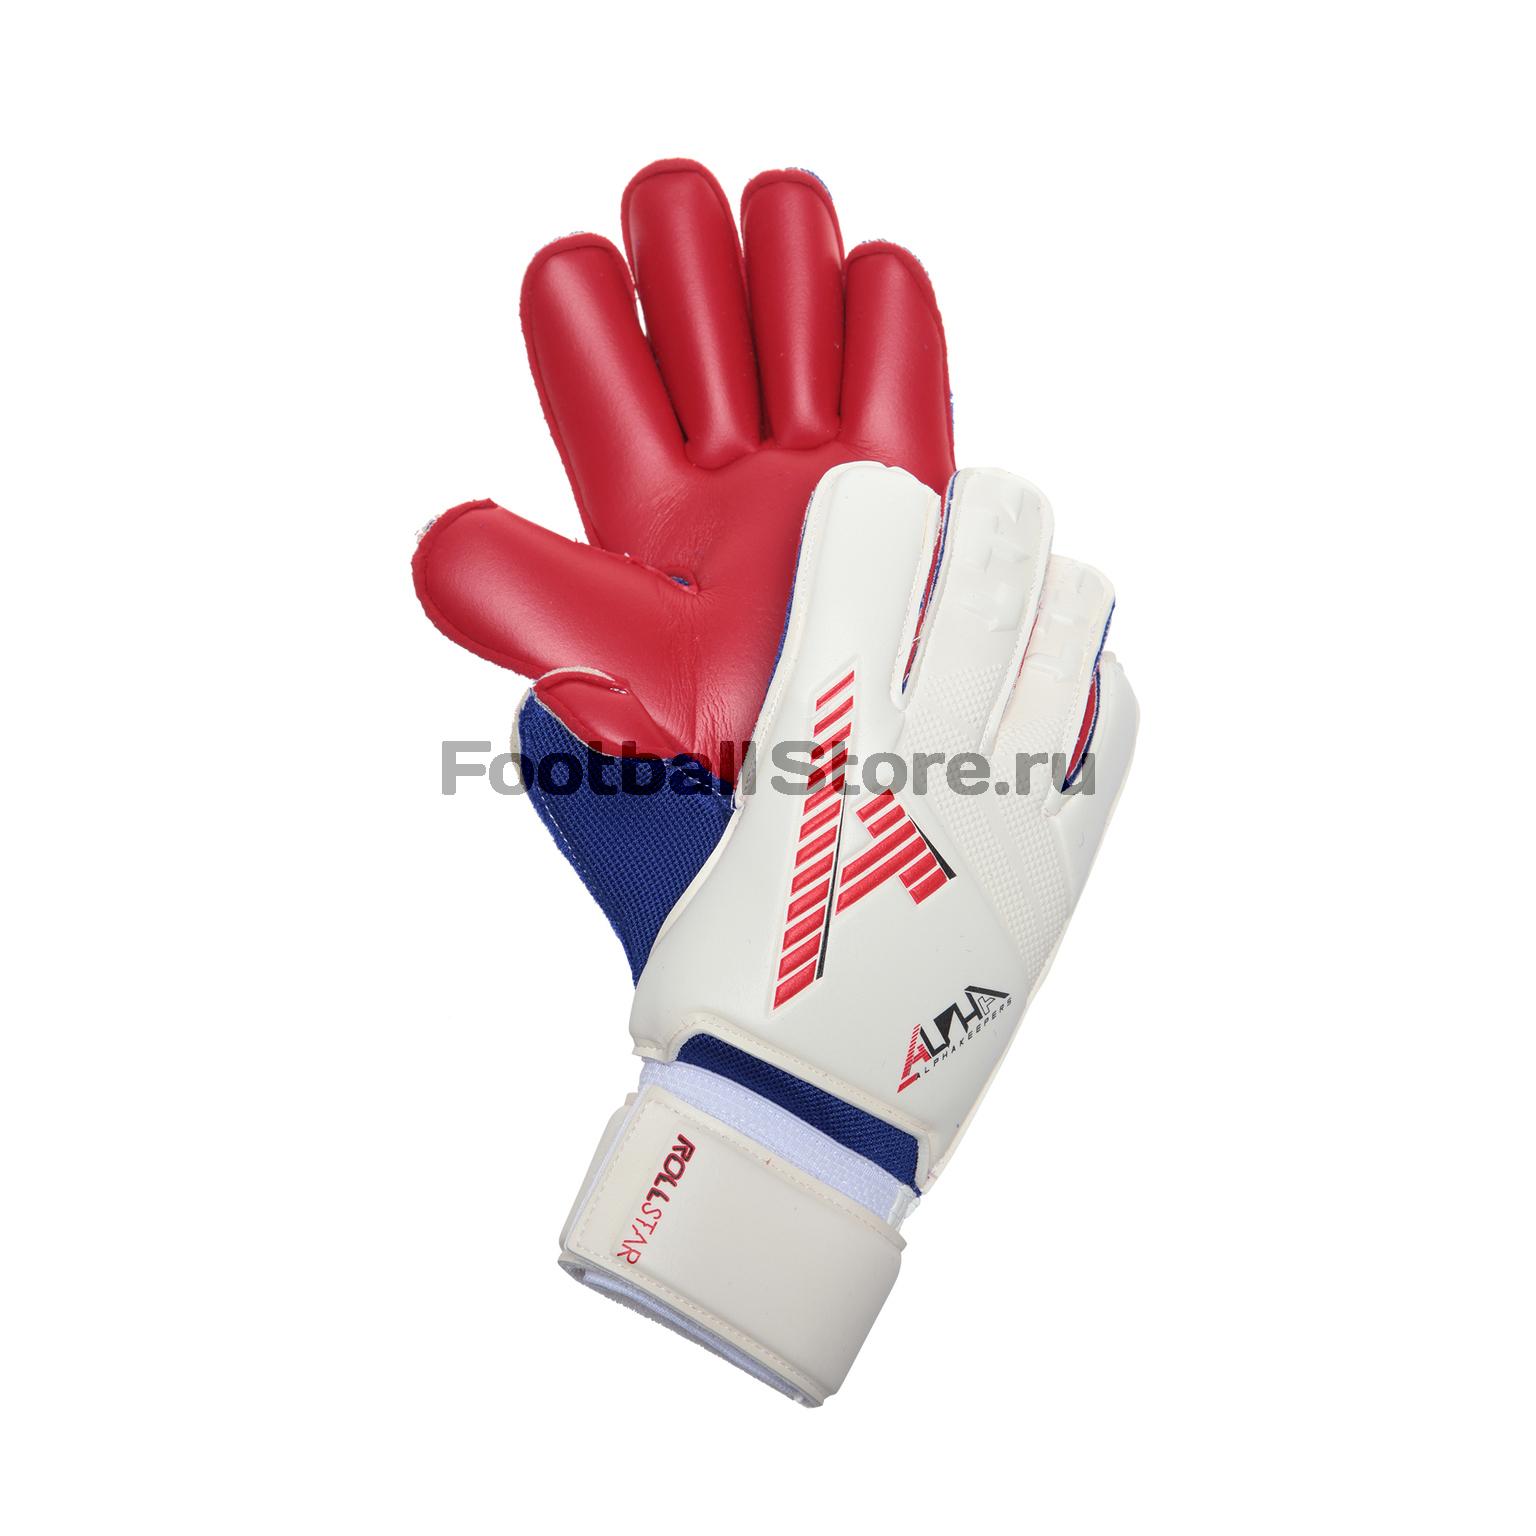 b20d5caf Перчатки вратарские AlphaKeepers Rollstar 1497 – купить в интернет магазине  footballstore, цена, фото